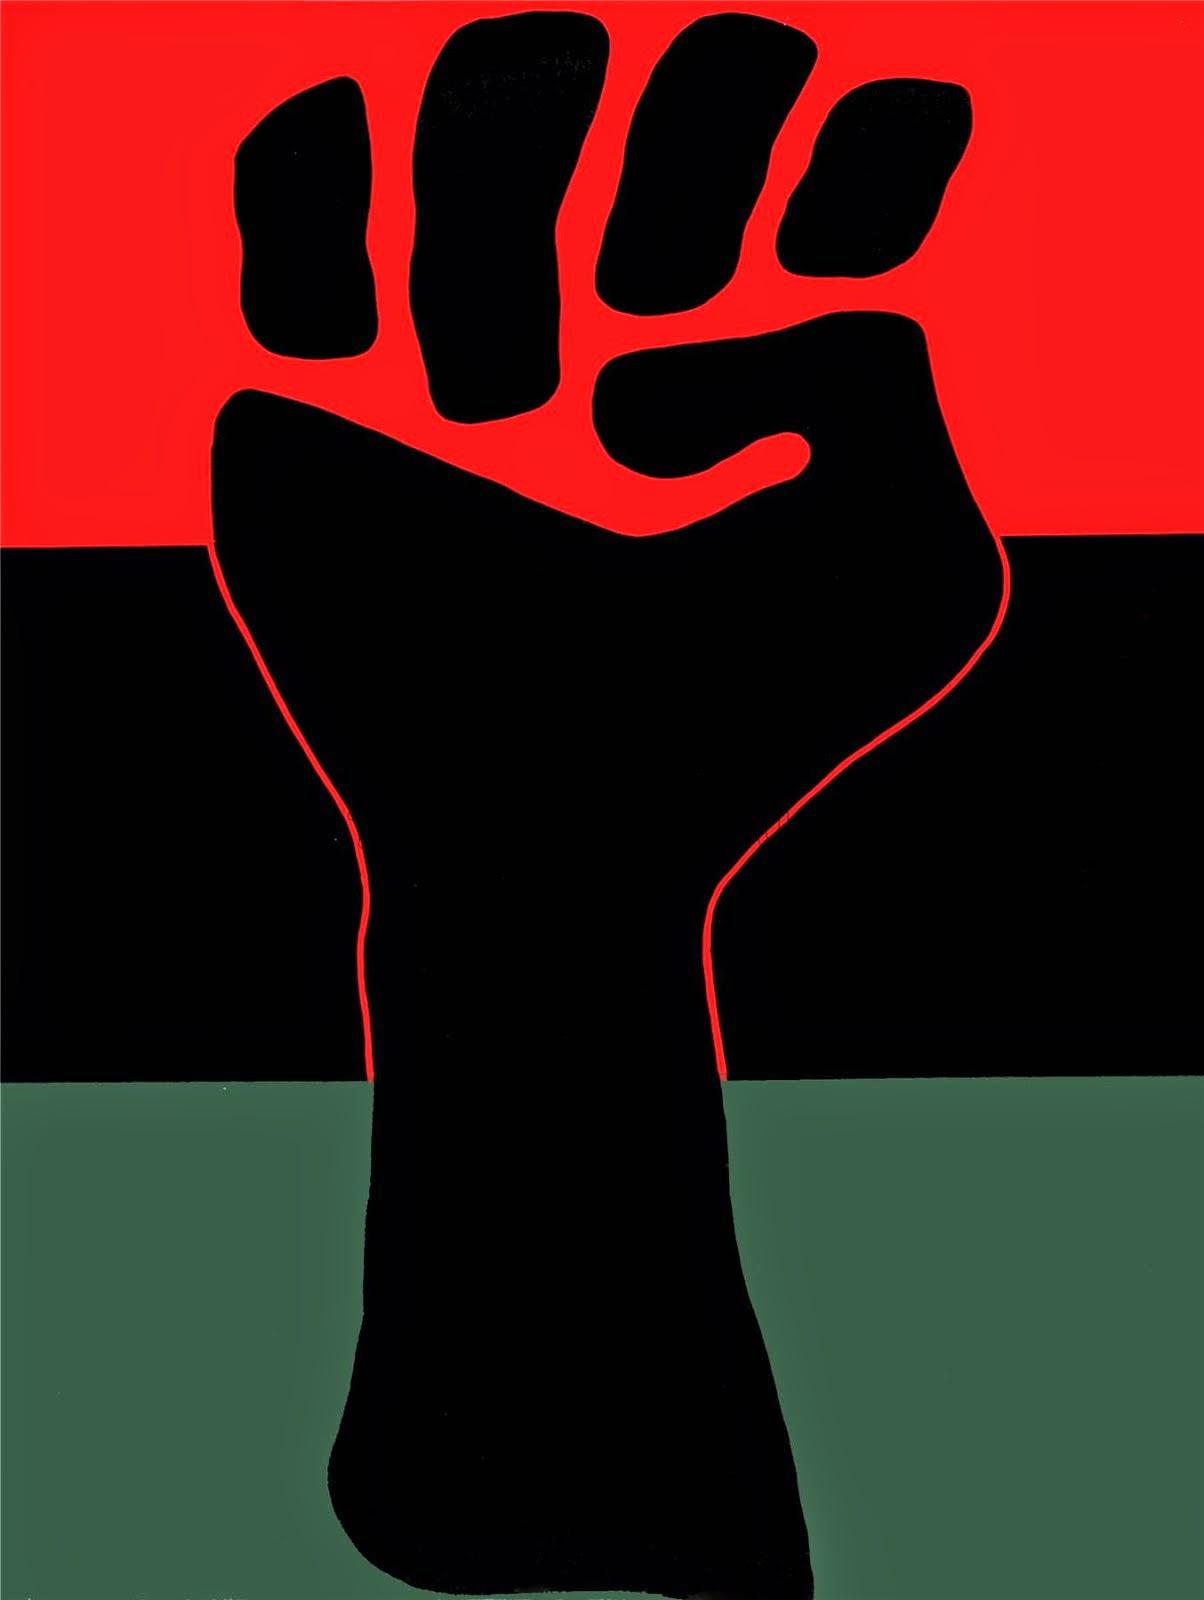 RBG Solidarity